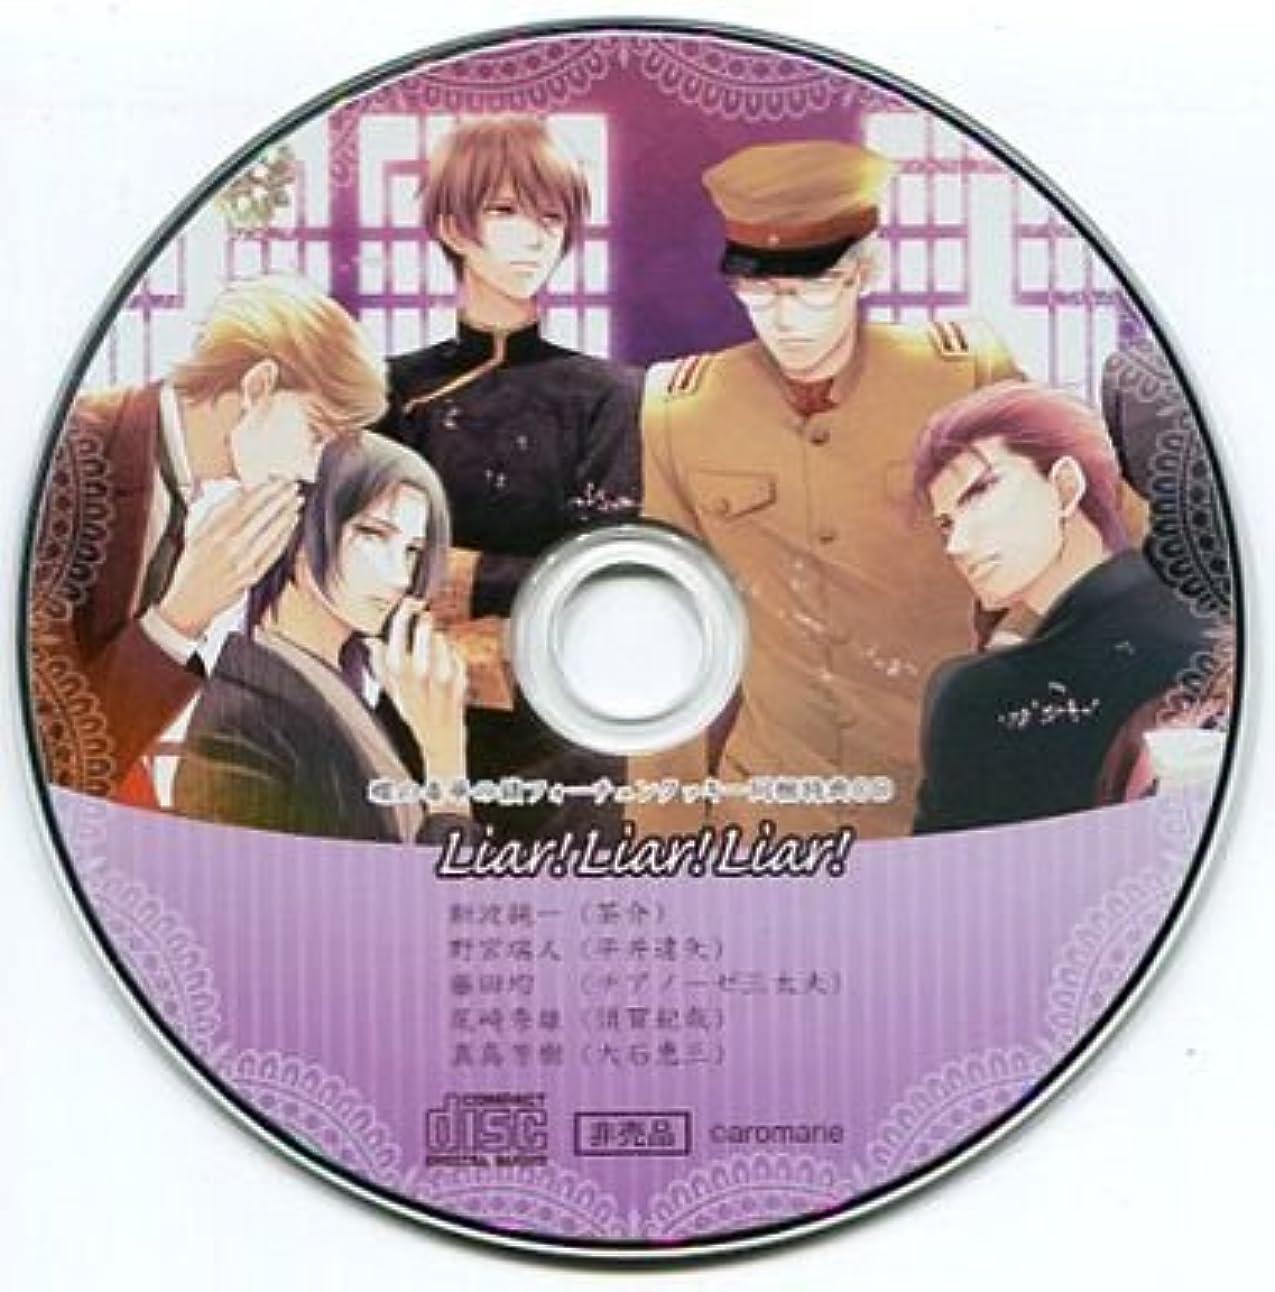 したいモック終了する蝶の毒 華の鎖 フォーチュンクッキー同梱特典CD「Liar! Liar! Liar!」